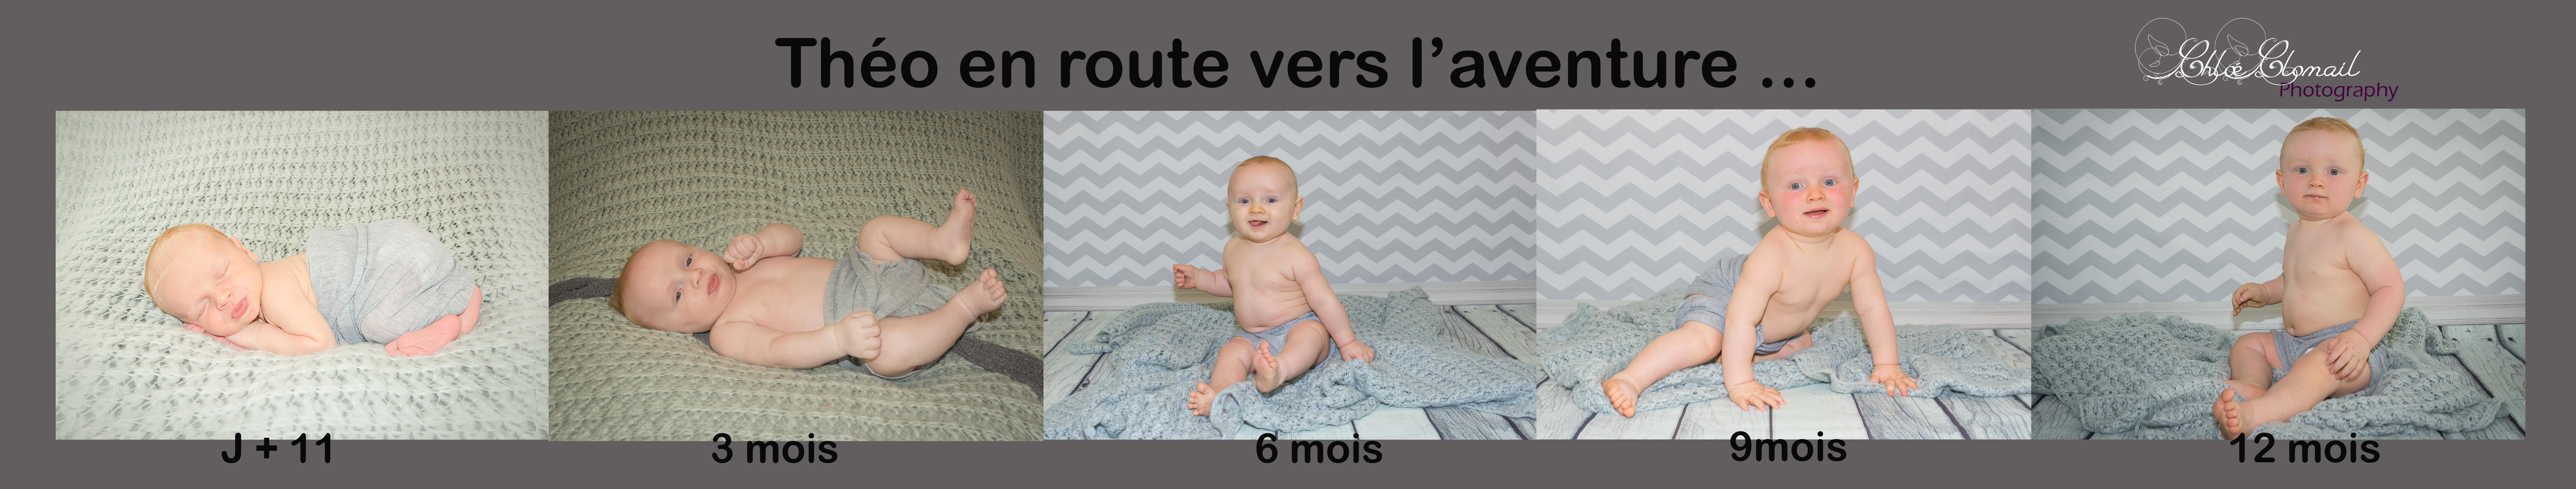 Evolution bébé naissance à 1an